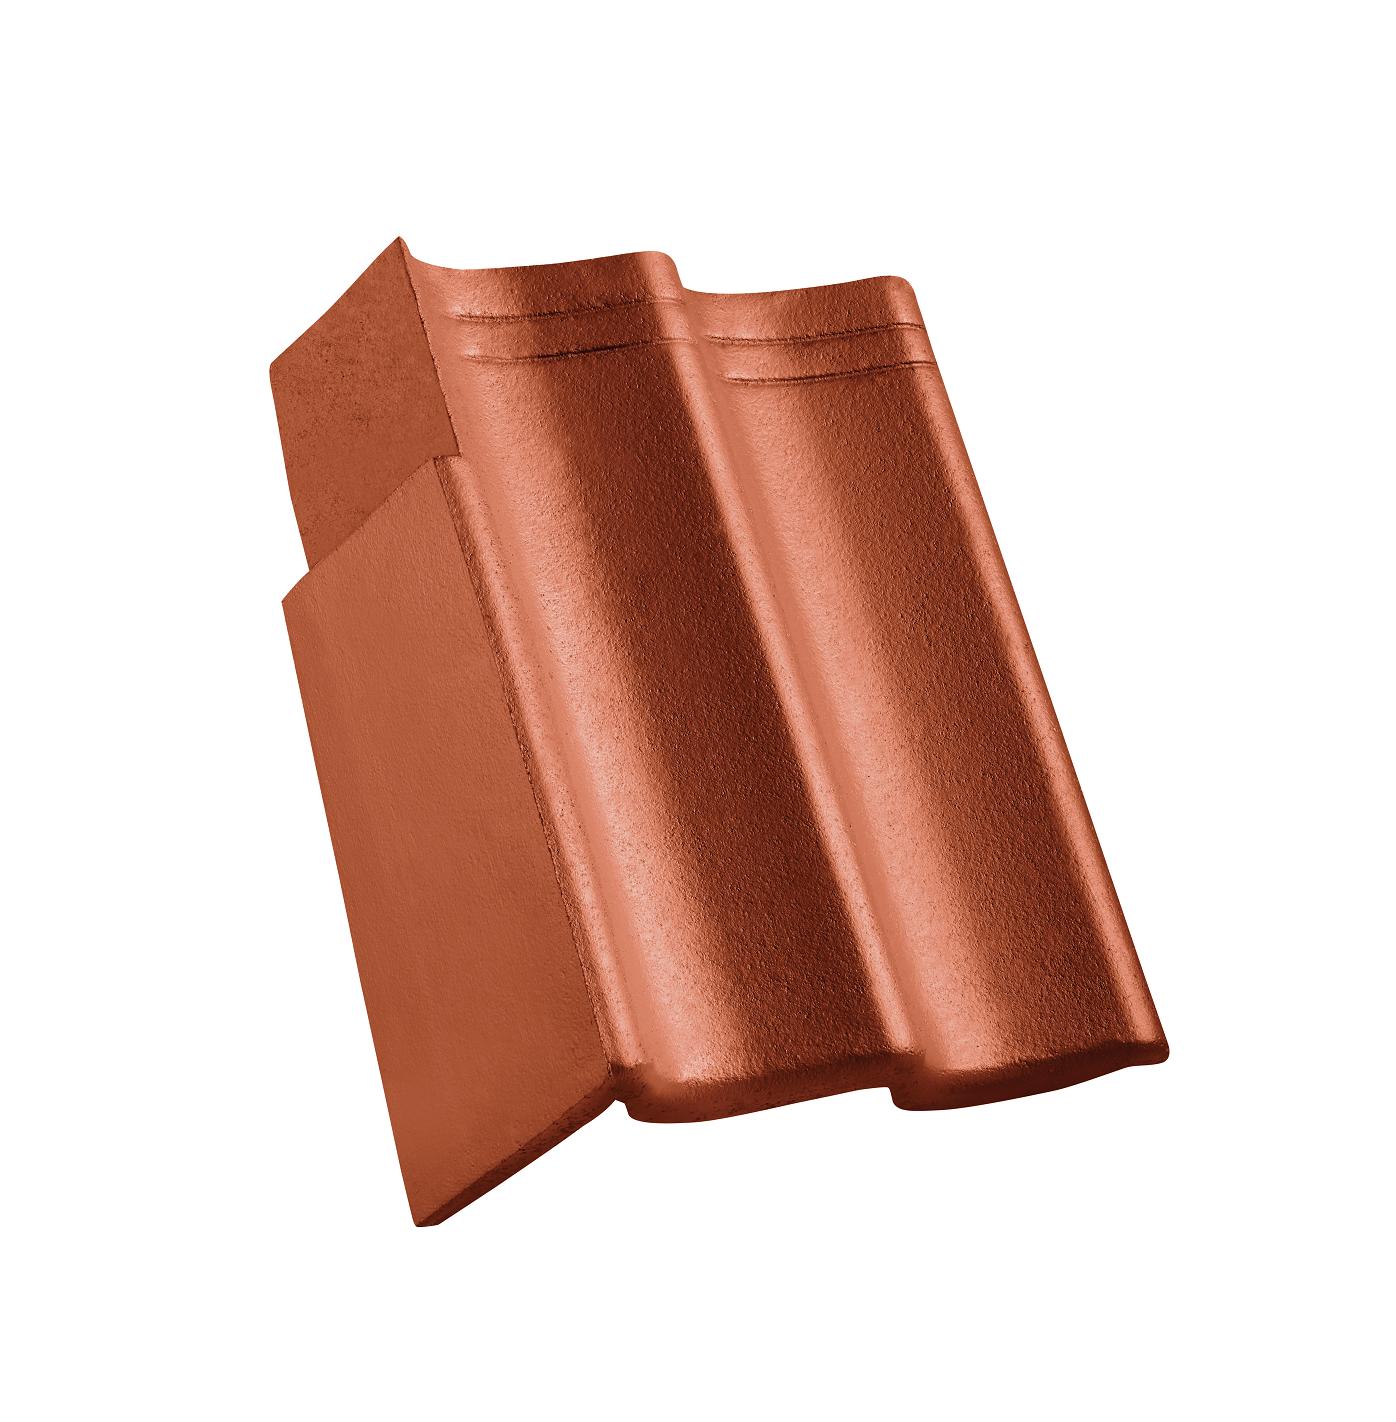 GOE dachówka boczna prawa 90 mm dla rozstawu łat 335 - 345 mm (ok. 3 szt./mb)